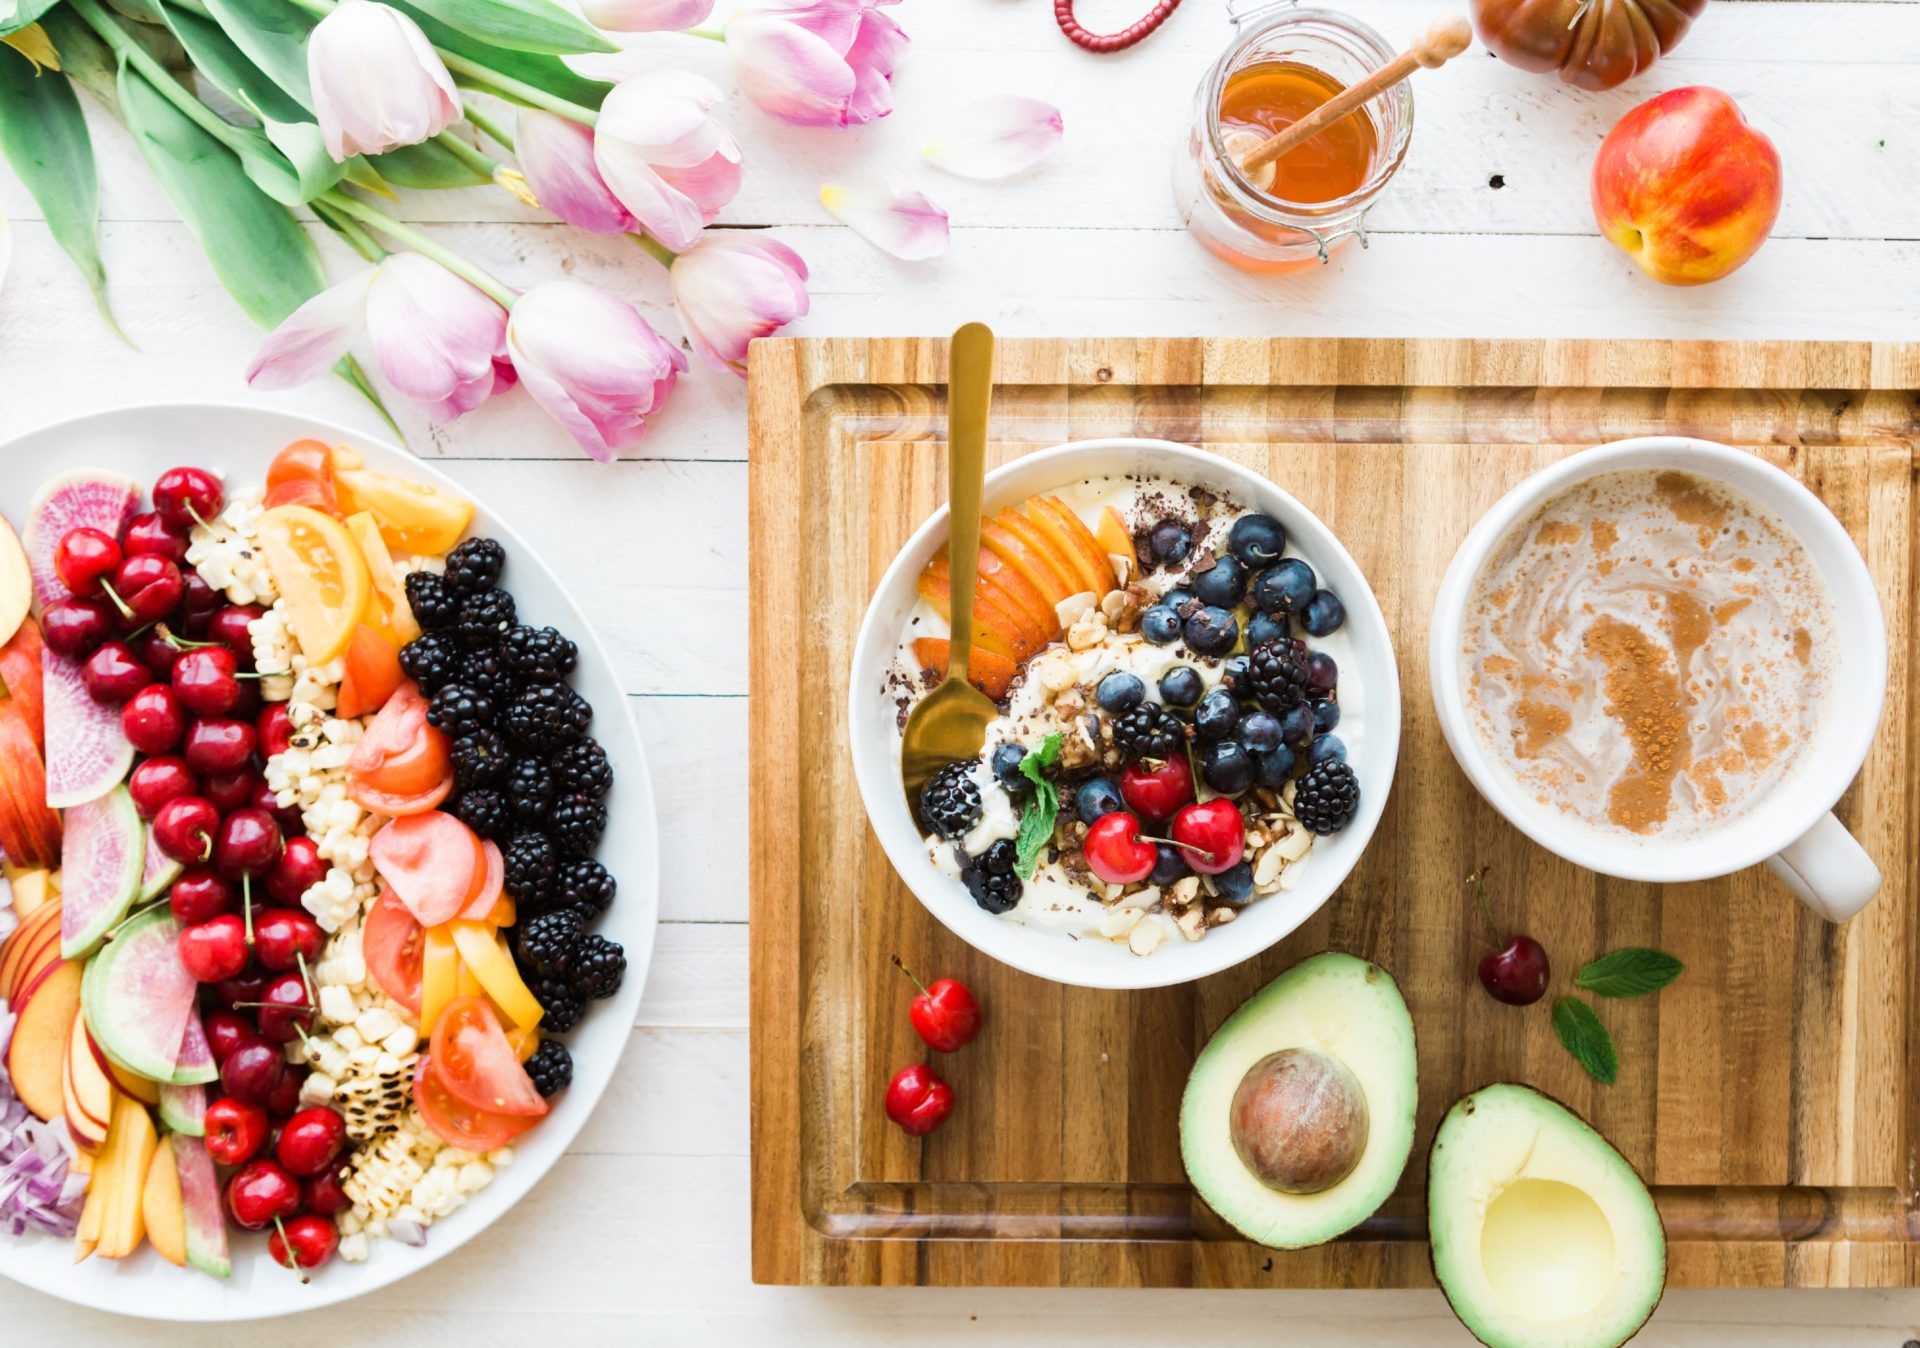 كيف يمكن للأم إضافة الأطعمة لتقوية المناعة للطفل؟